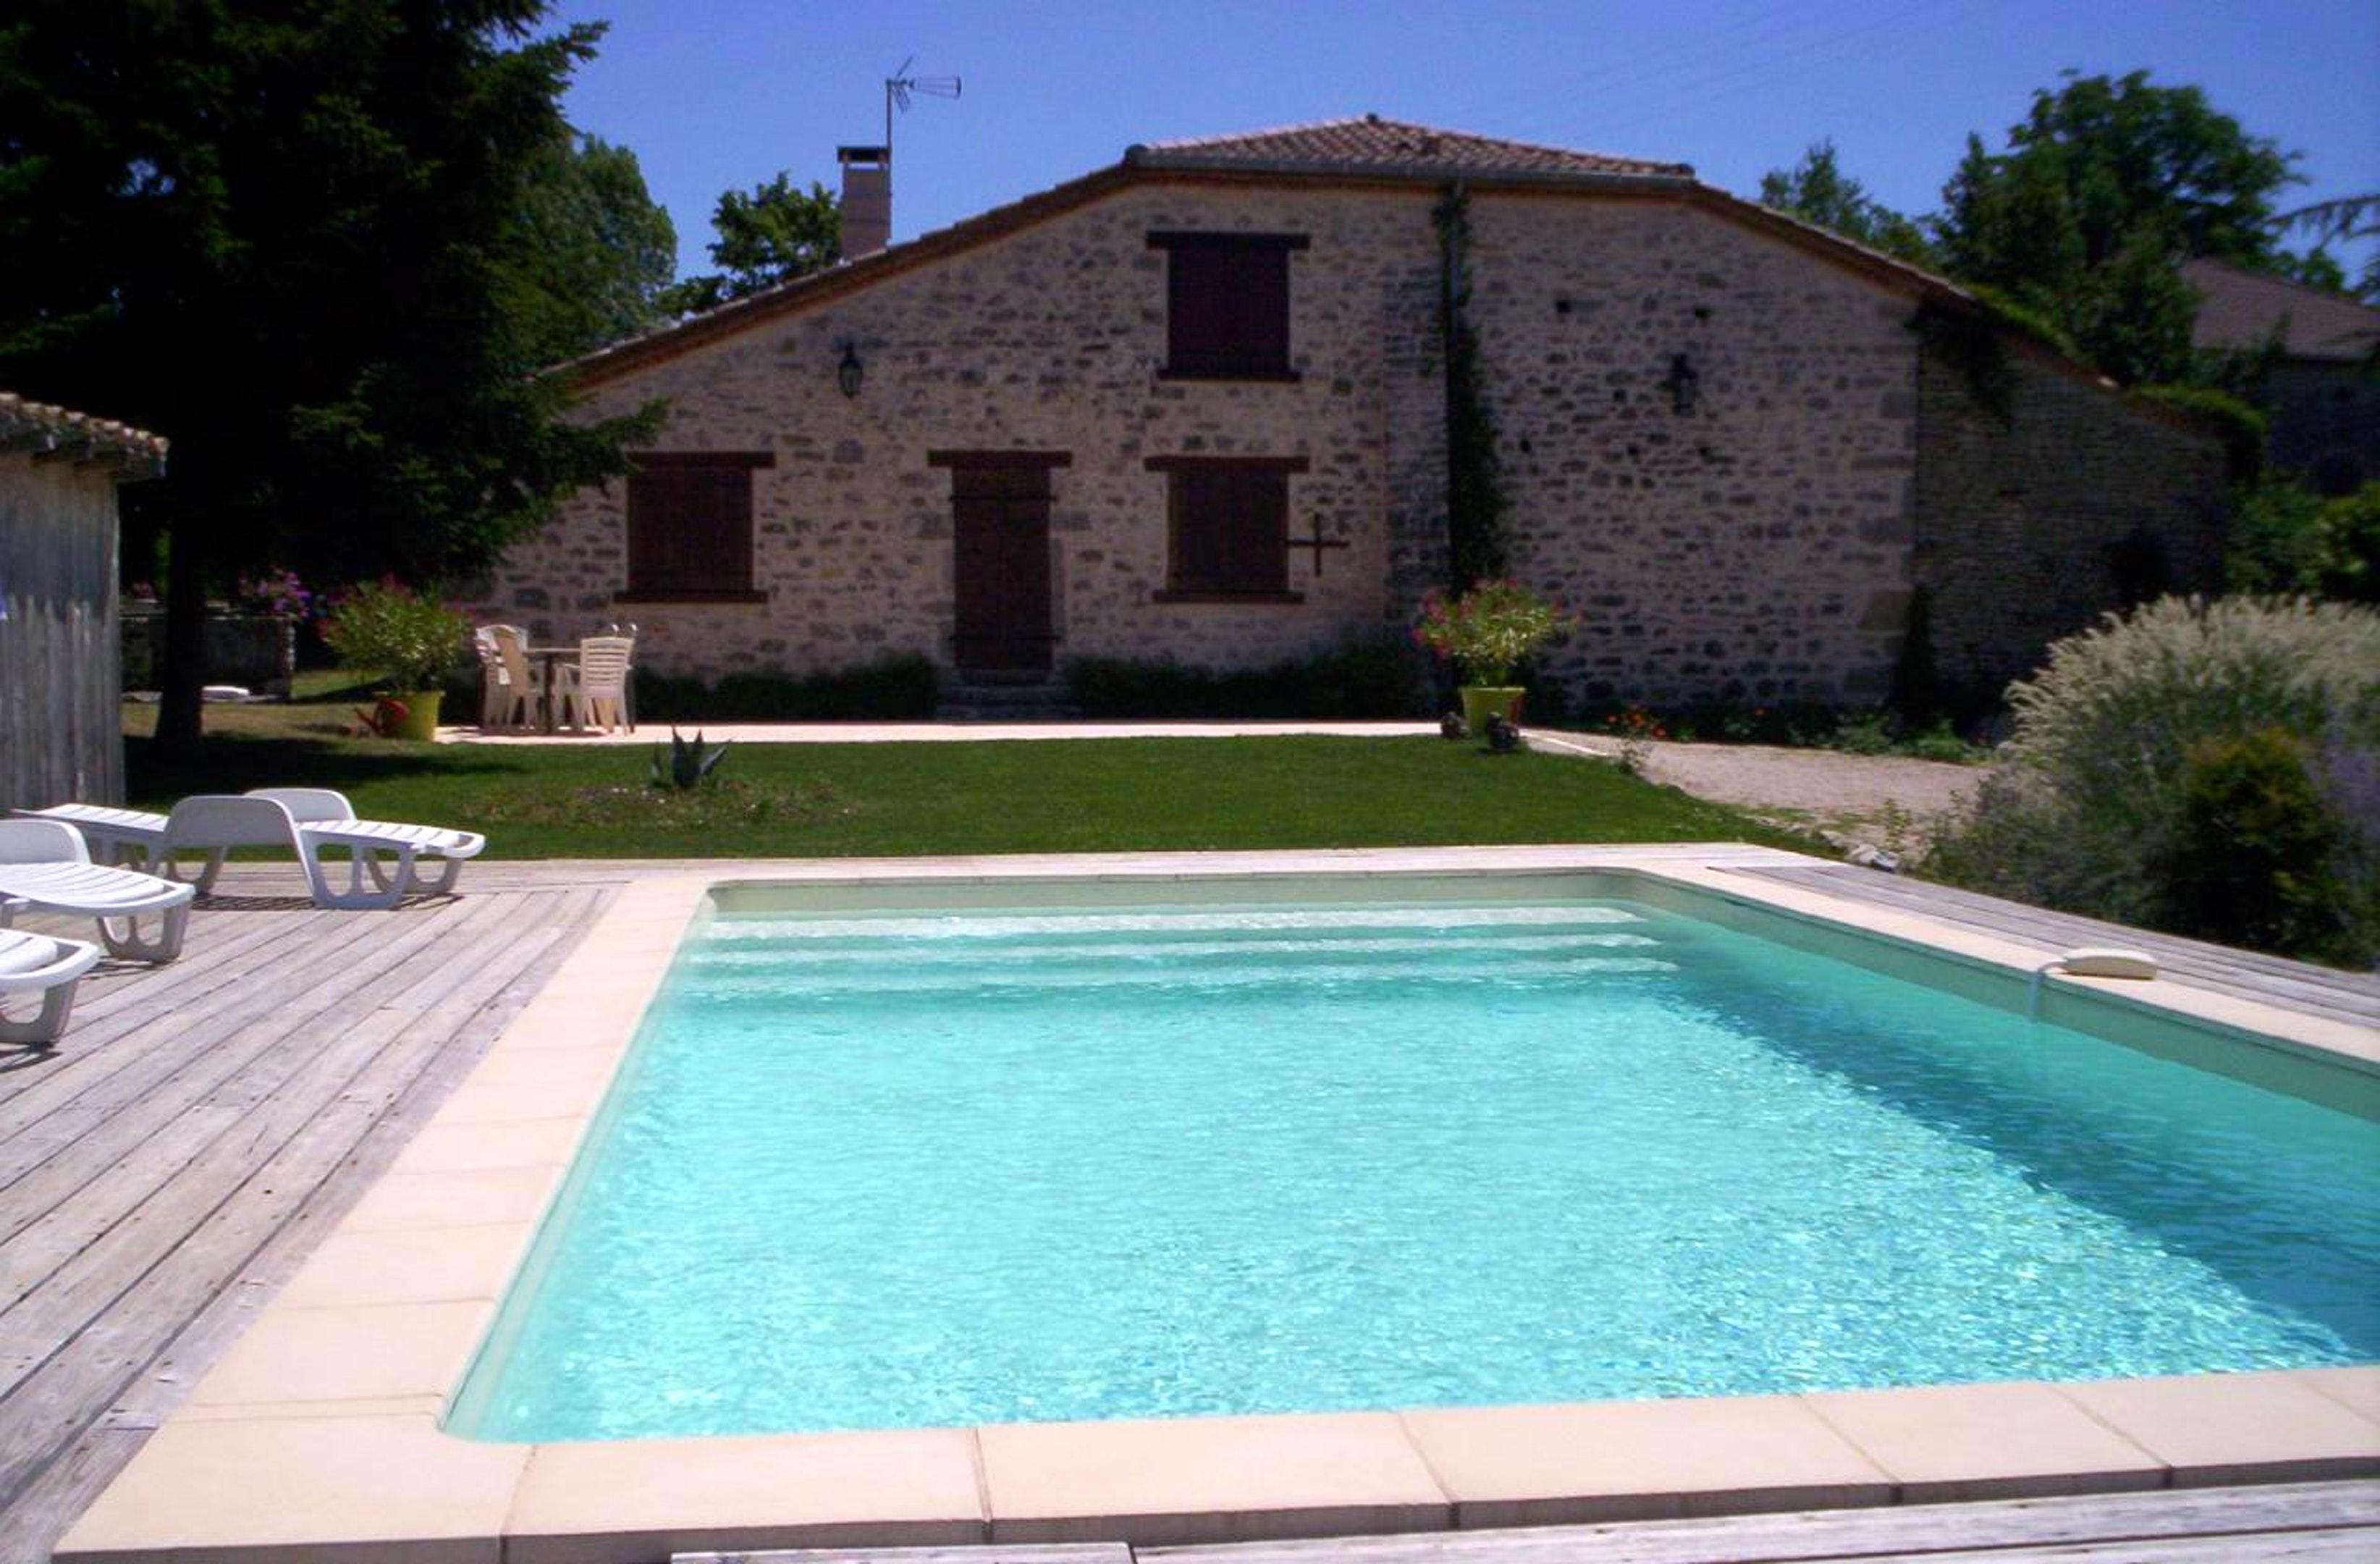 Haus mit 3 Schlafzimmern in Saint Cirq mit privatem Pool möblierter Terrasse und W LAN